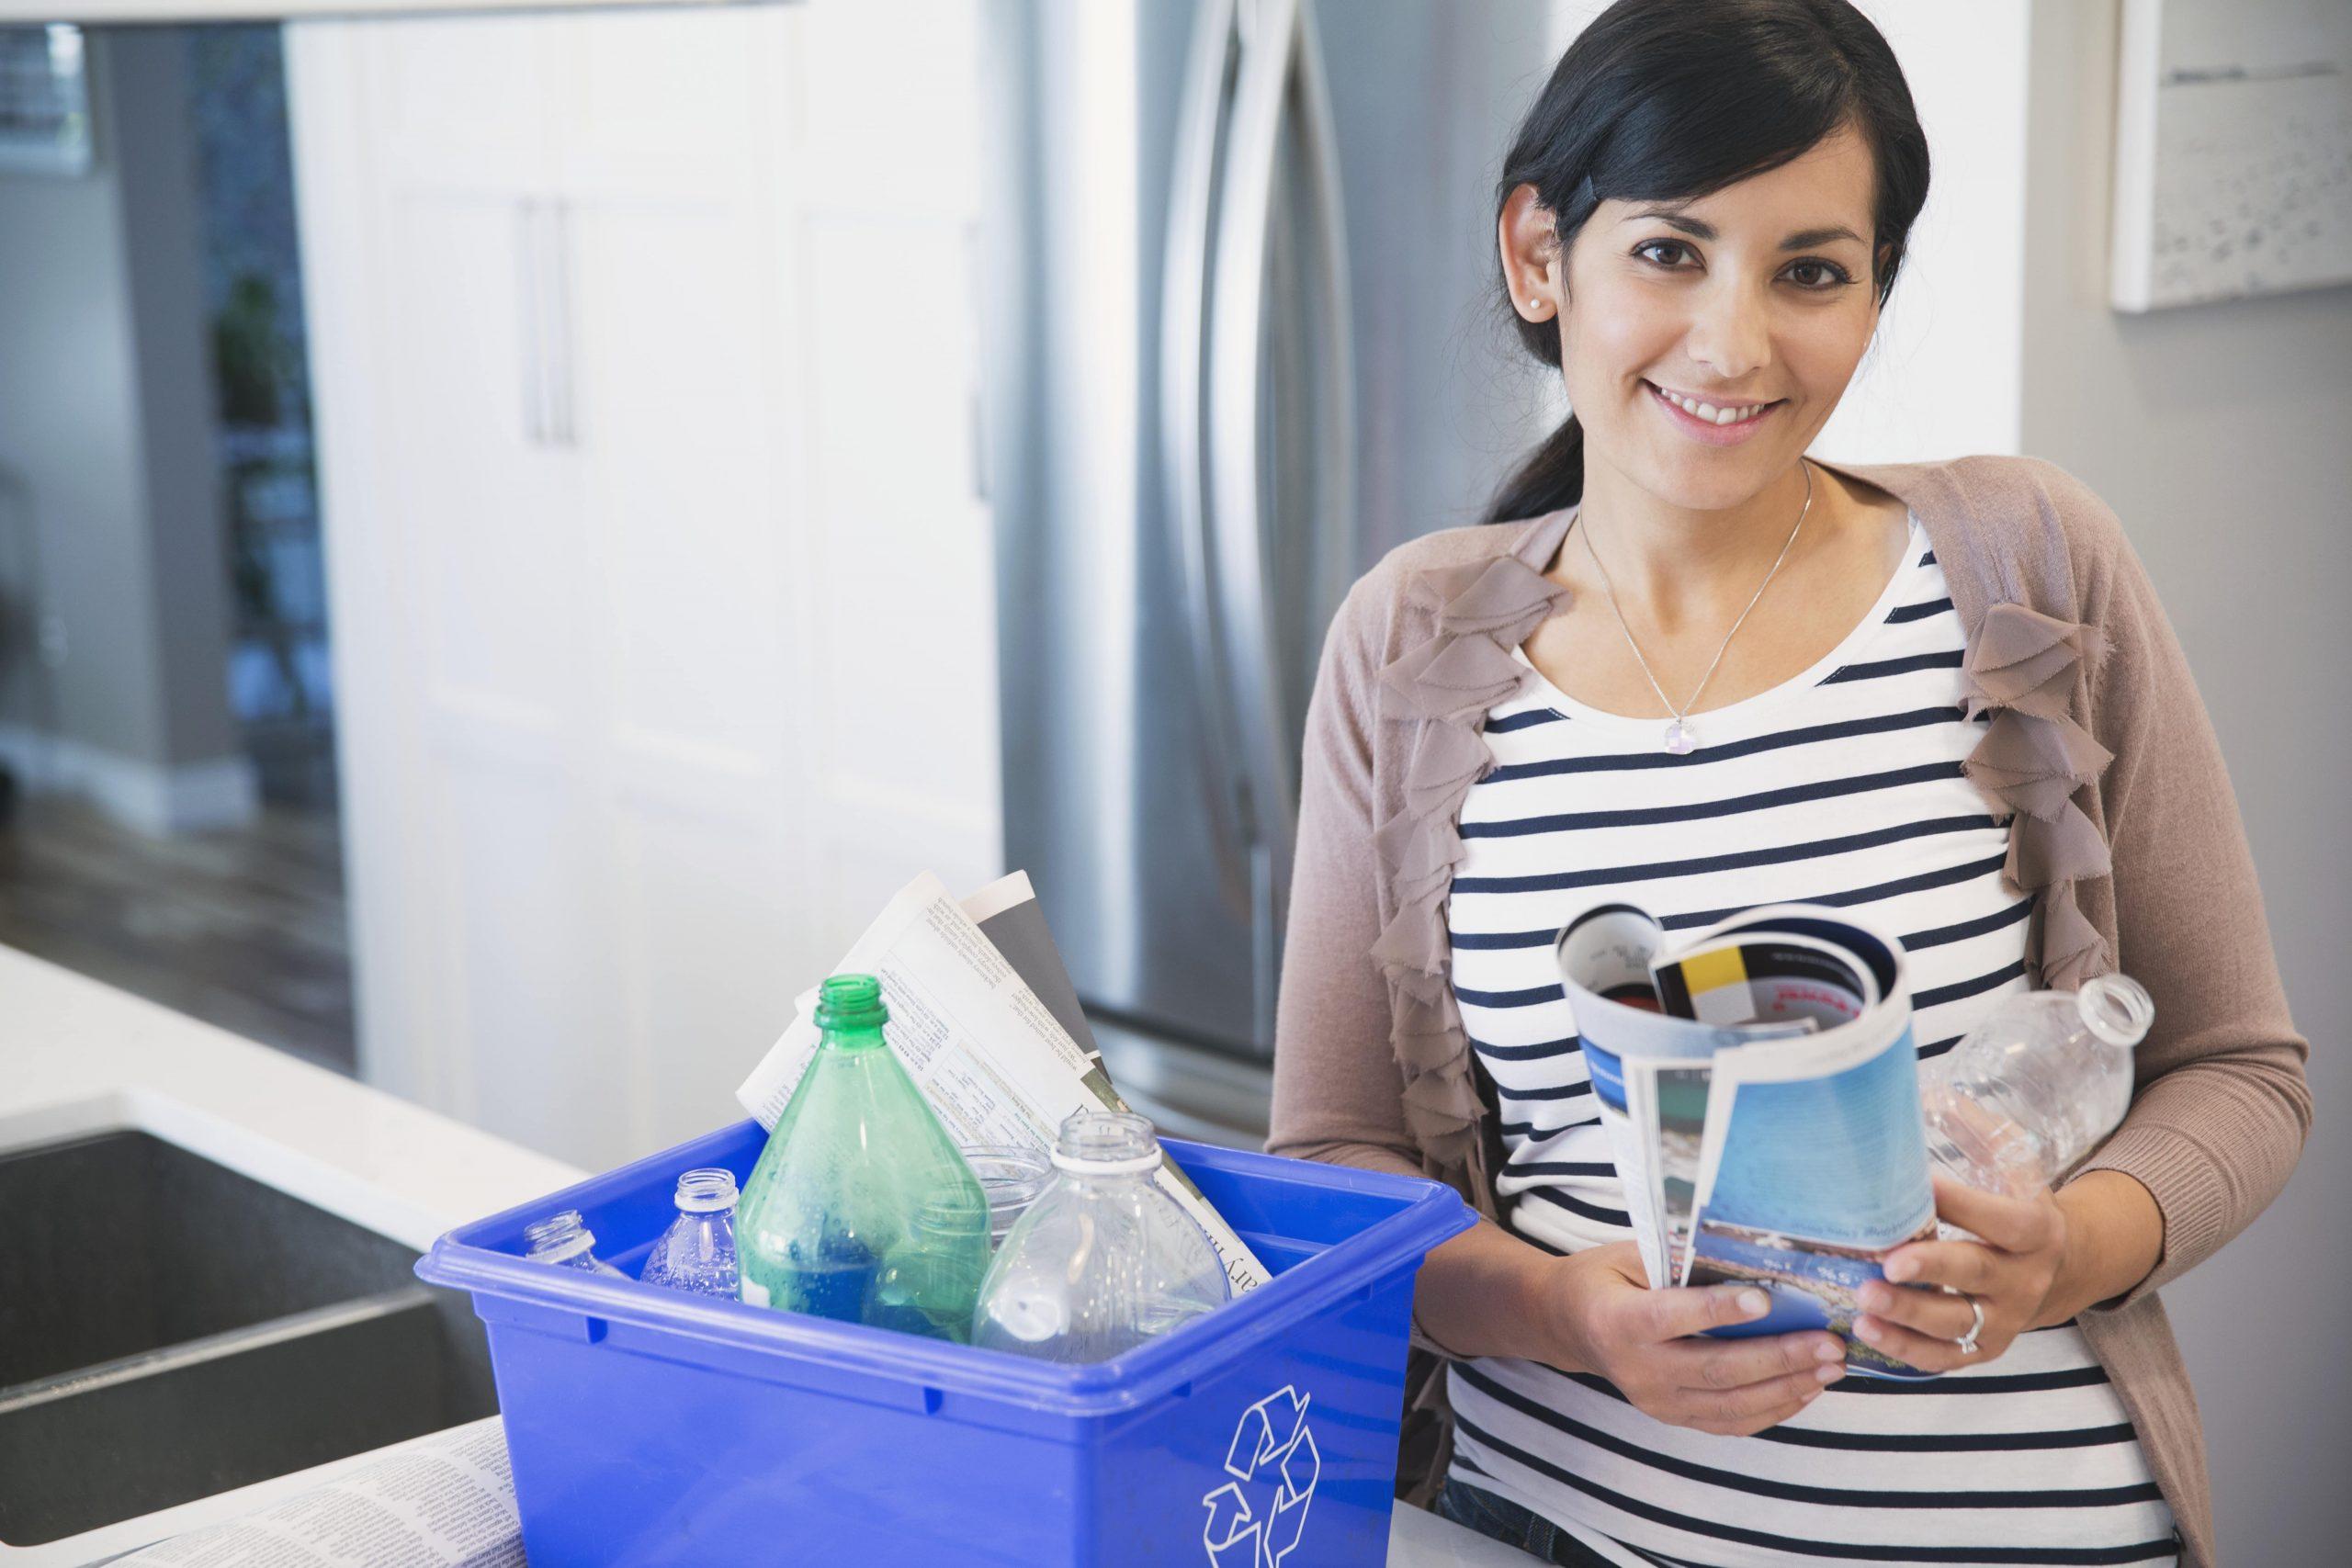 Woman sorting her recycling bin